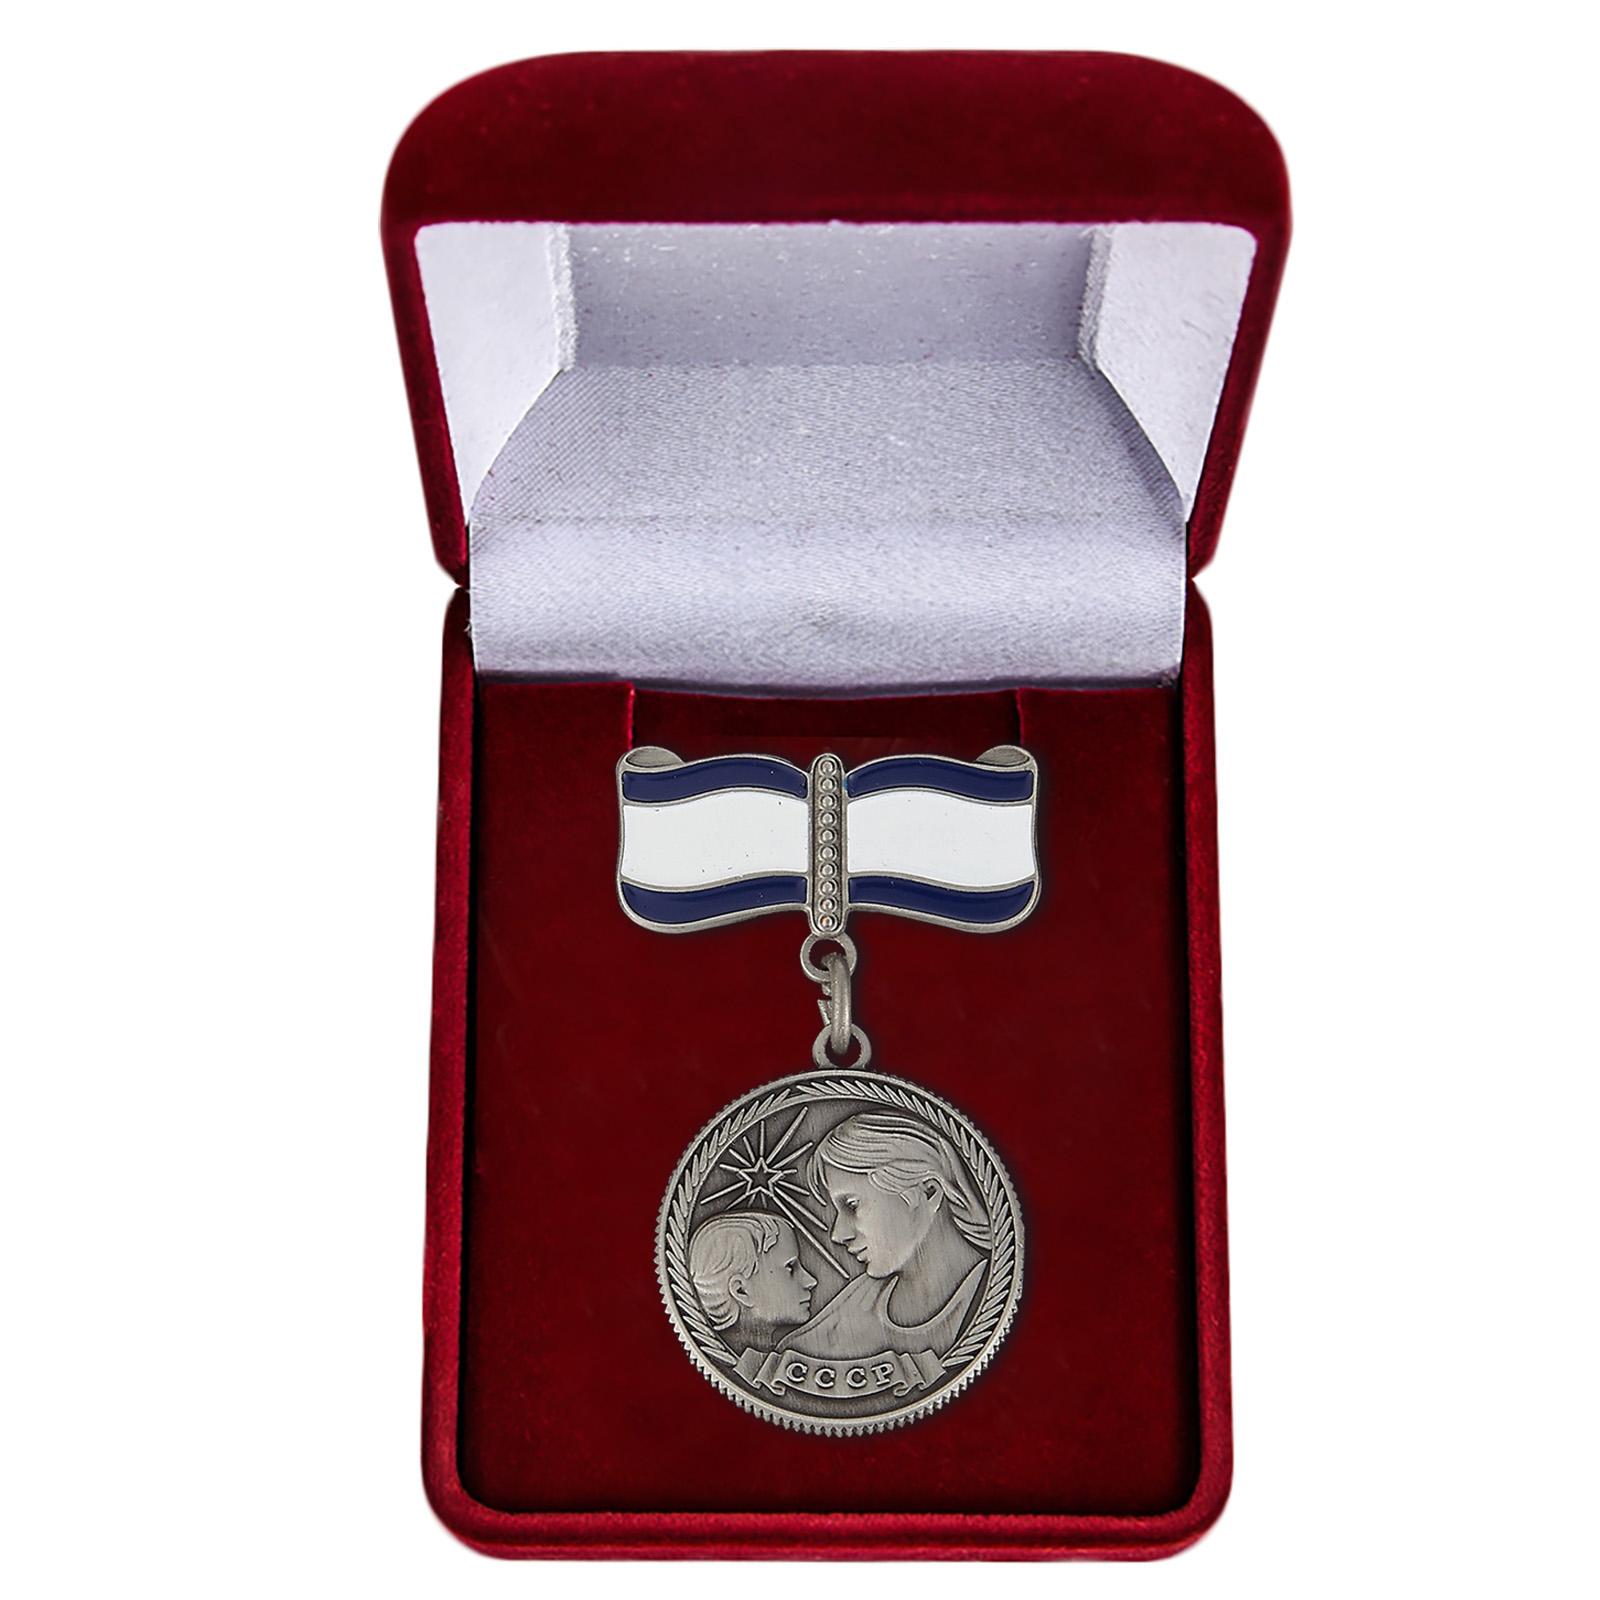 Медаль Материнства 1 степени в футляре